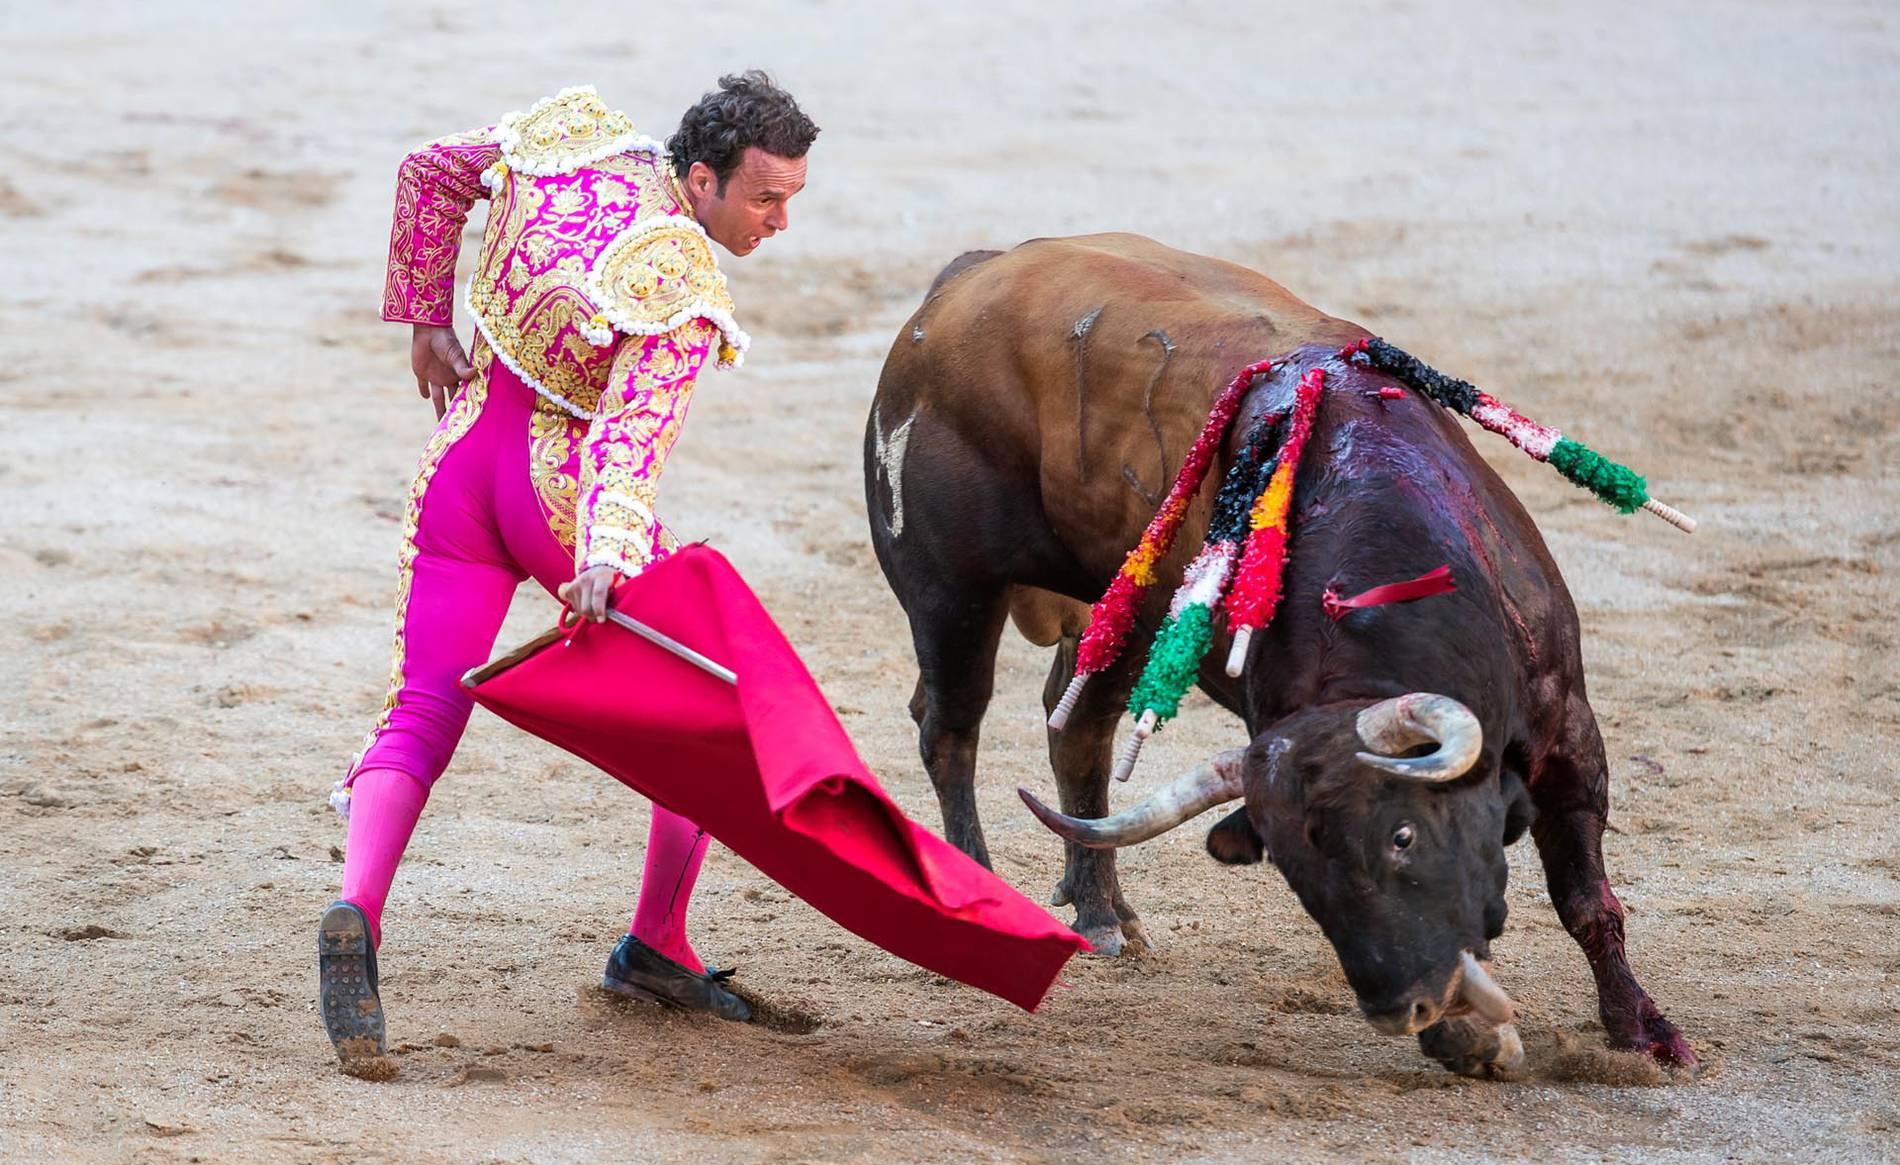 Corrida de toros del día 13 (1/46) - Corrida de toros del día 13 con la ganadería Nuñez del Cuvillo - Contenidos -